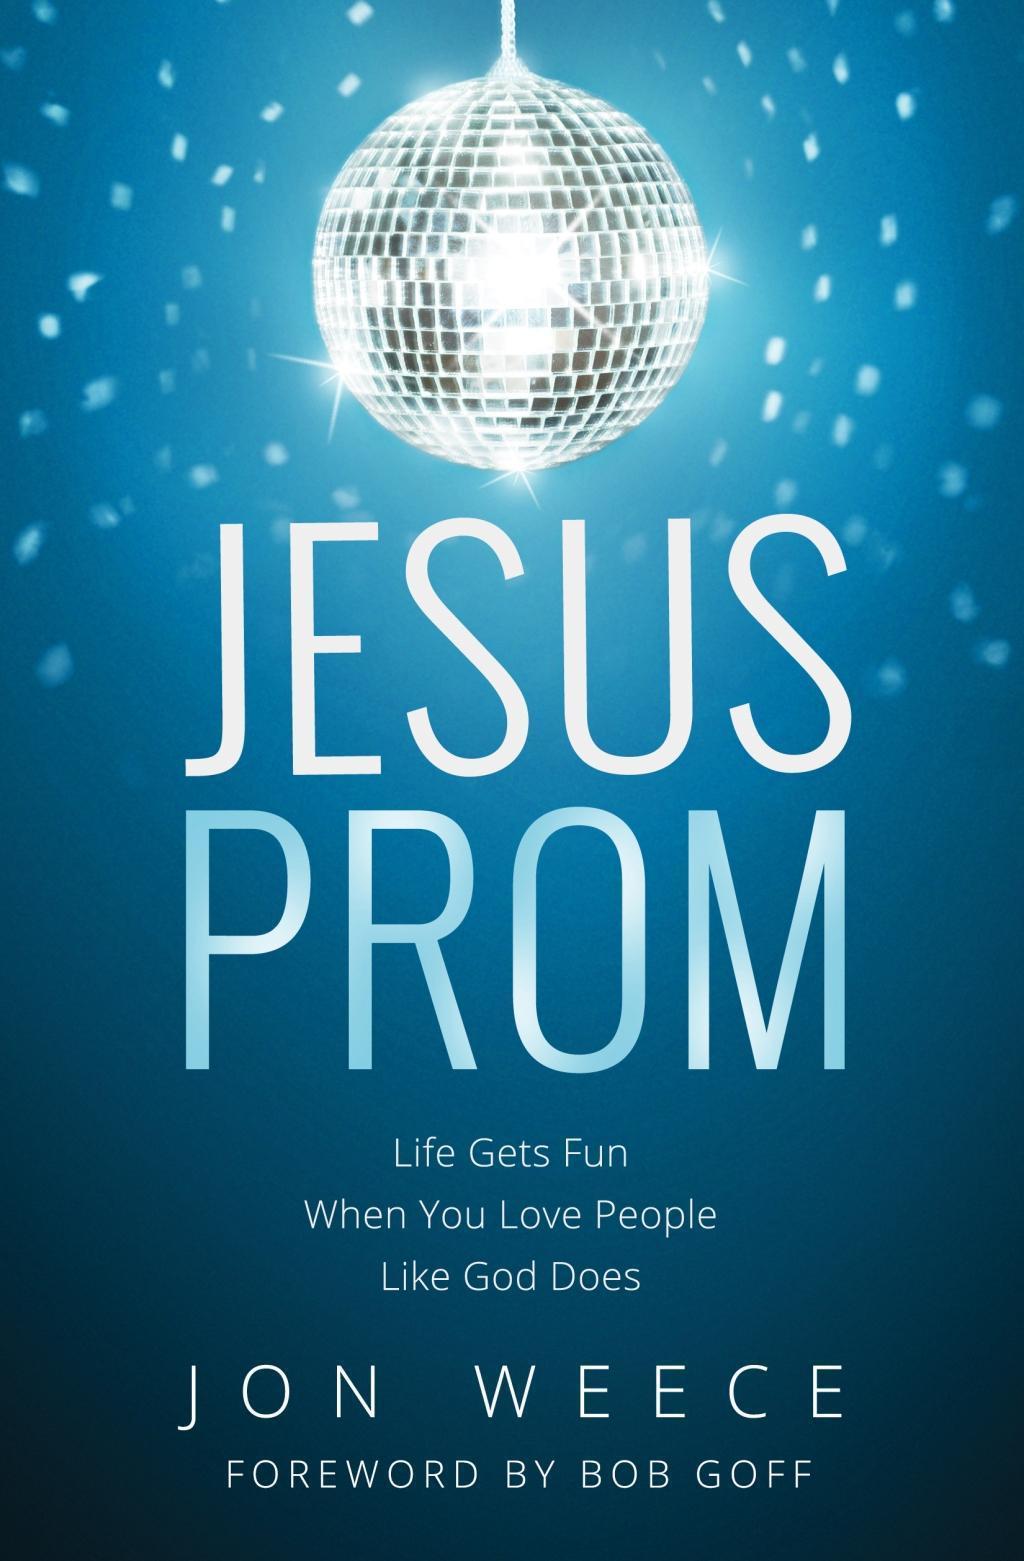 Jesus Prom